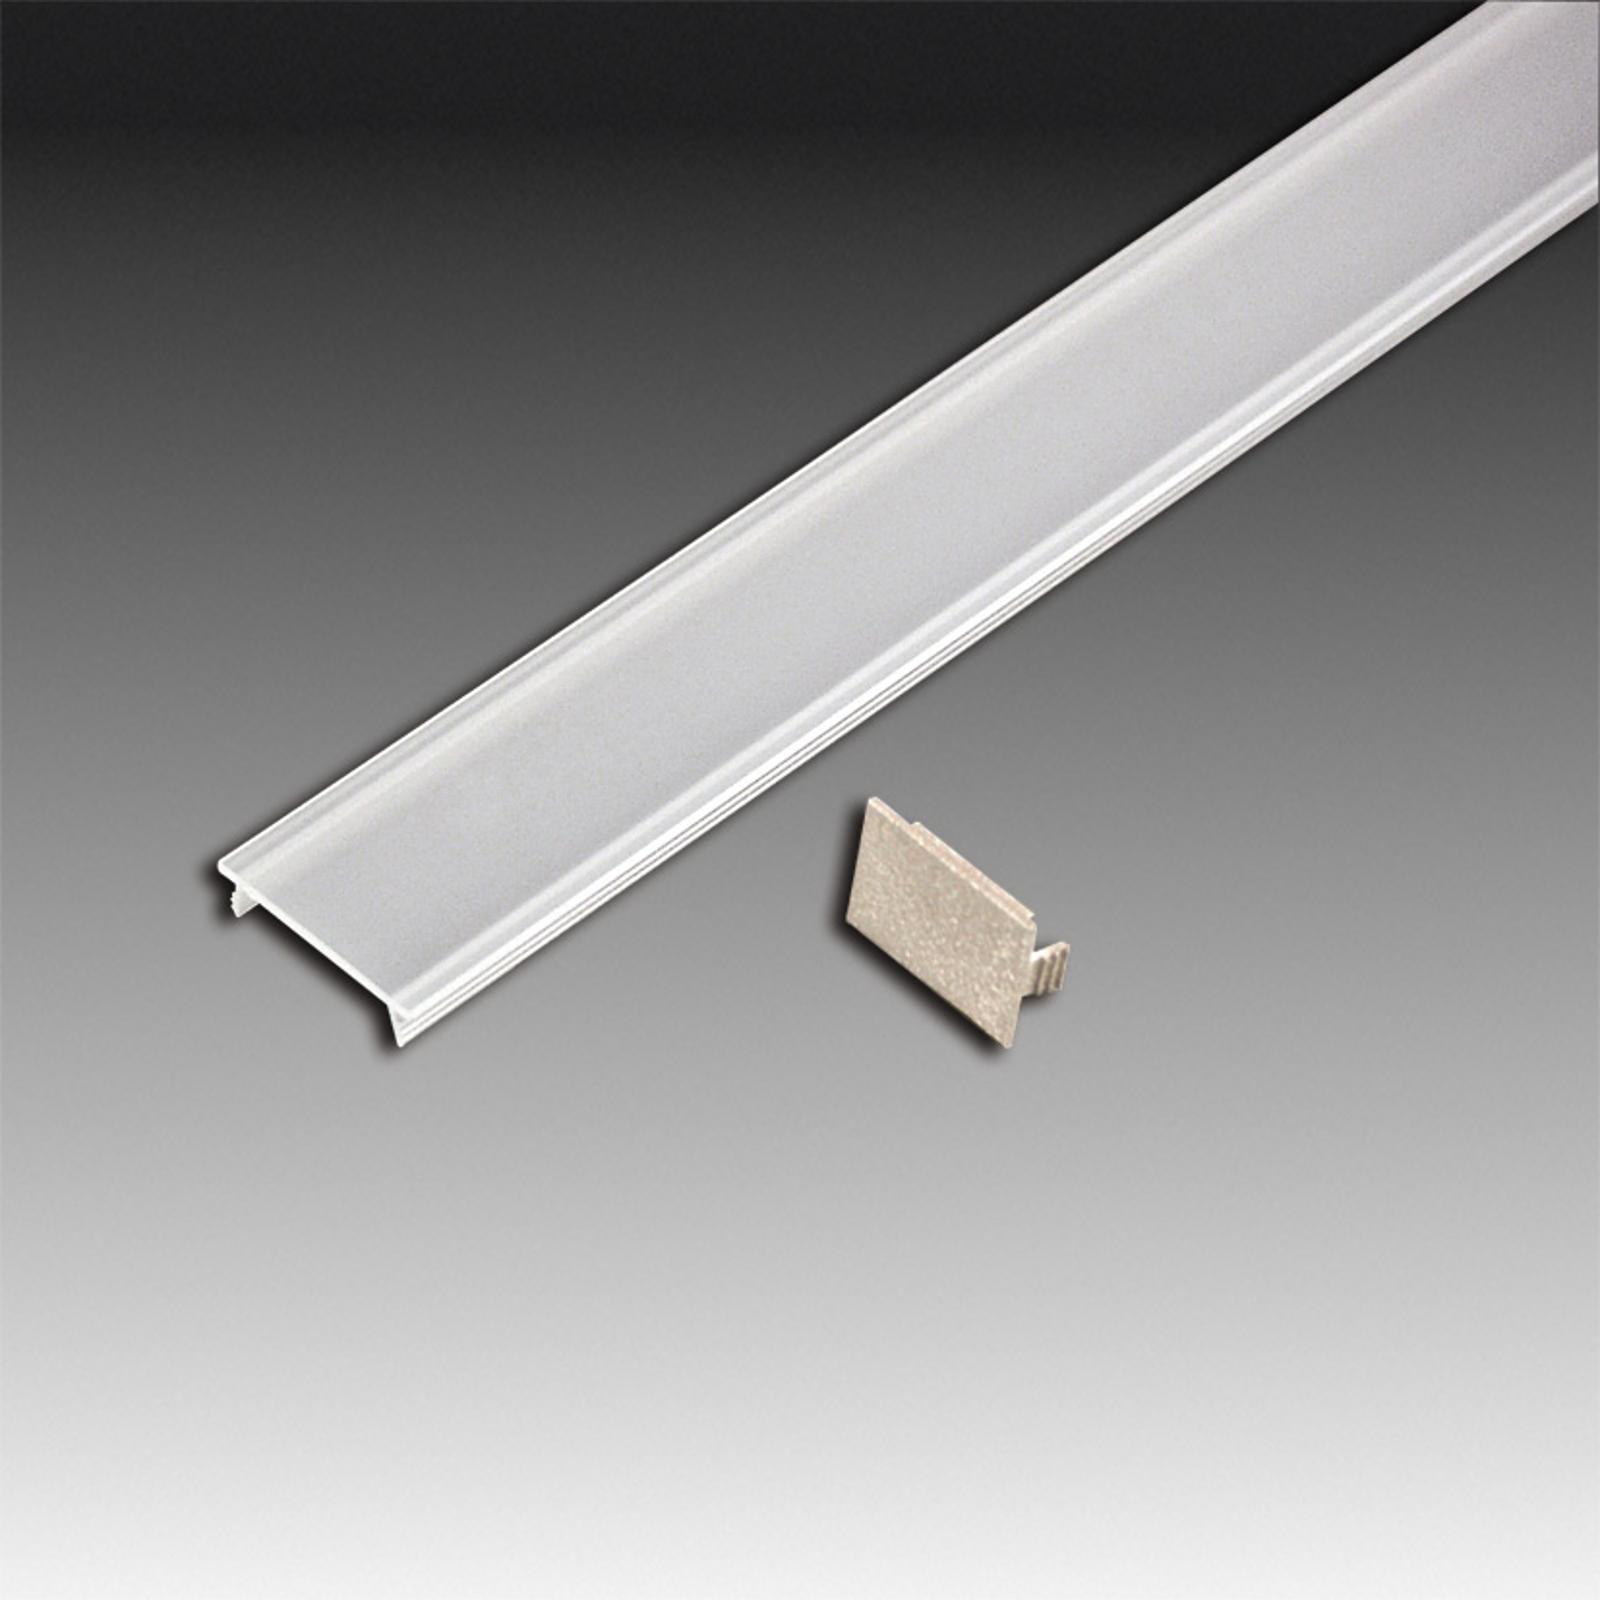 Stirndeckel für Abdeckprofil für LED STICK 2